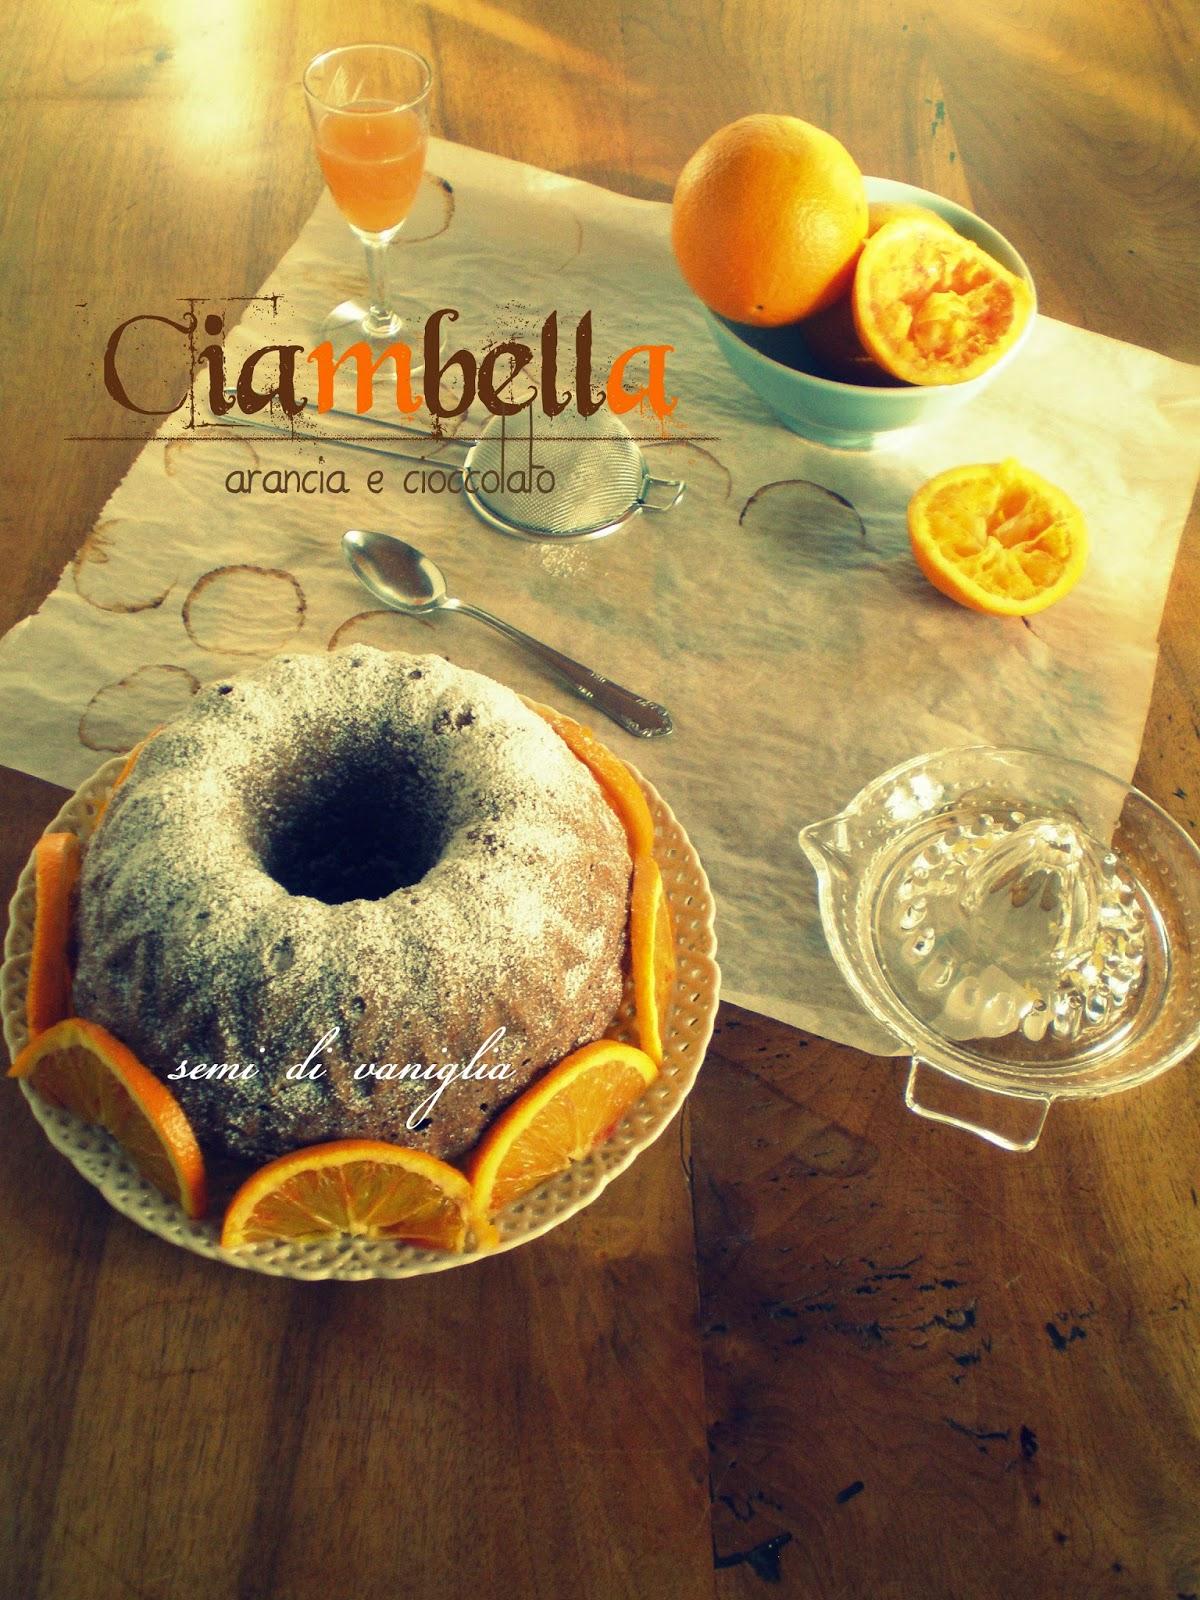 Immagine del dolce ciambella arancia e cioccolato dal blog Semi di vaniglia